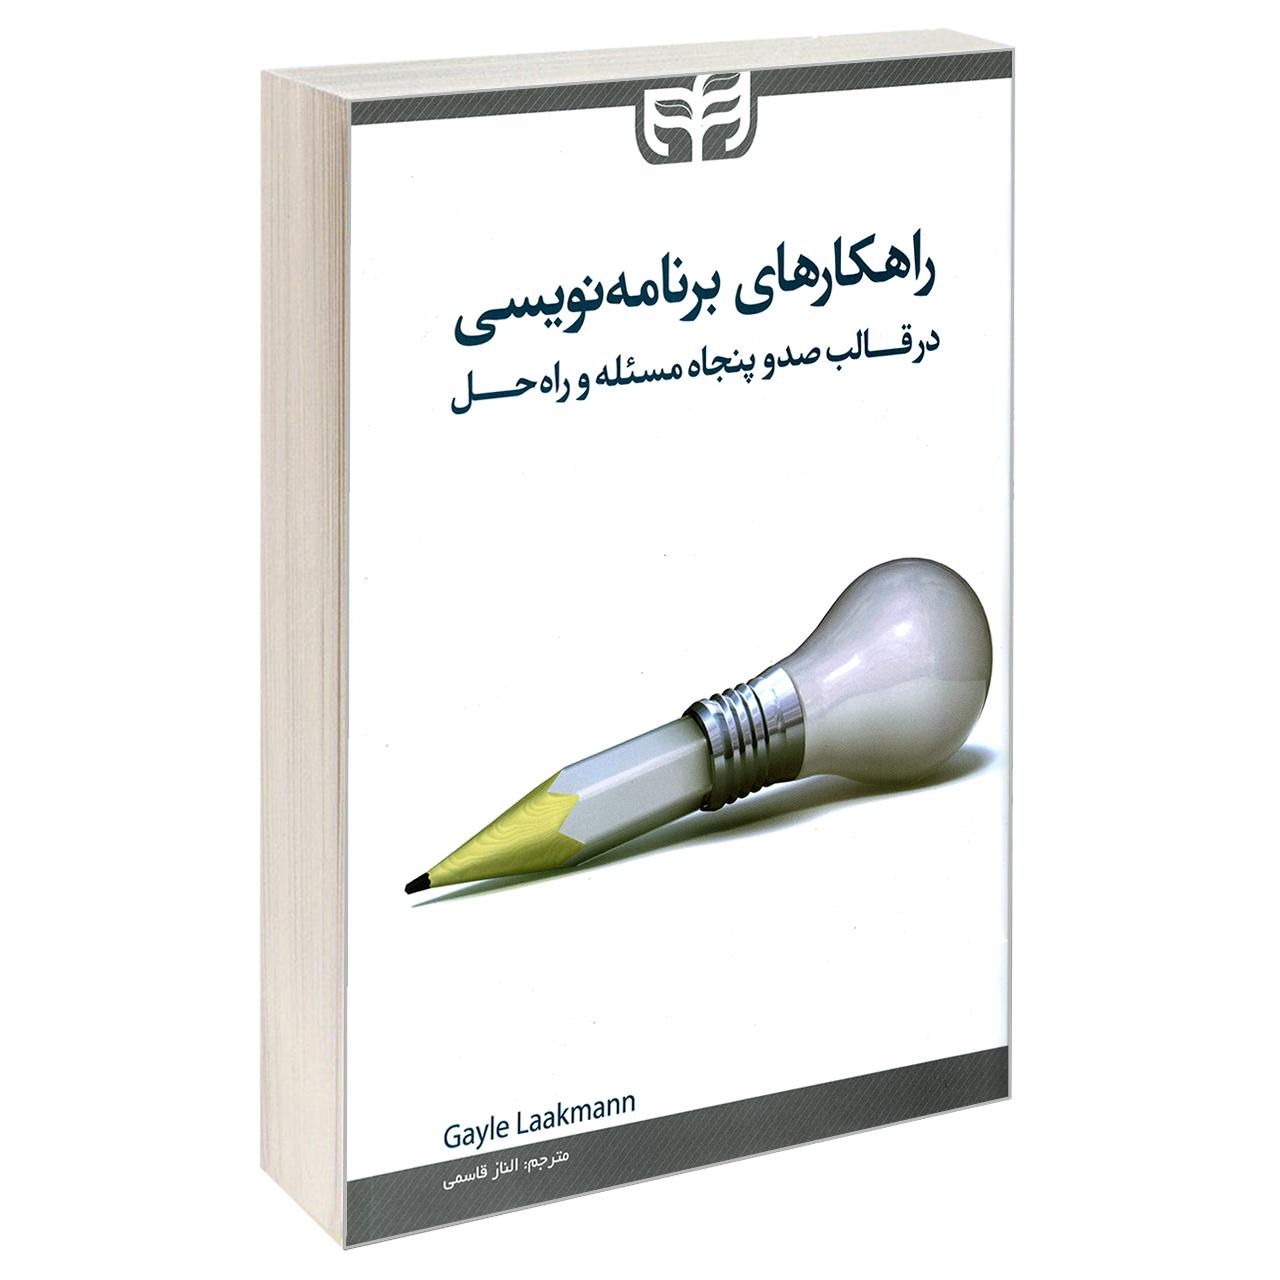 کتاب راهکارهای برنامه نویسی اثر گایل لاکمن نشر کیان